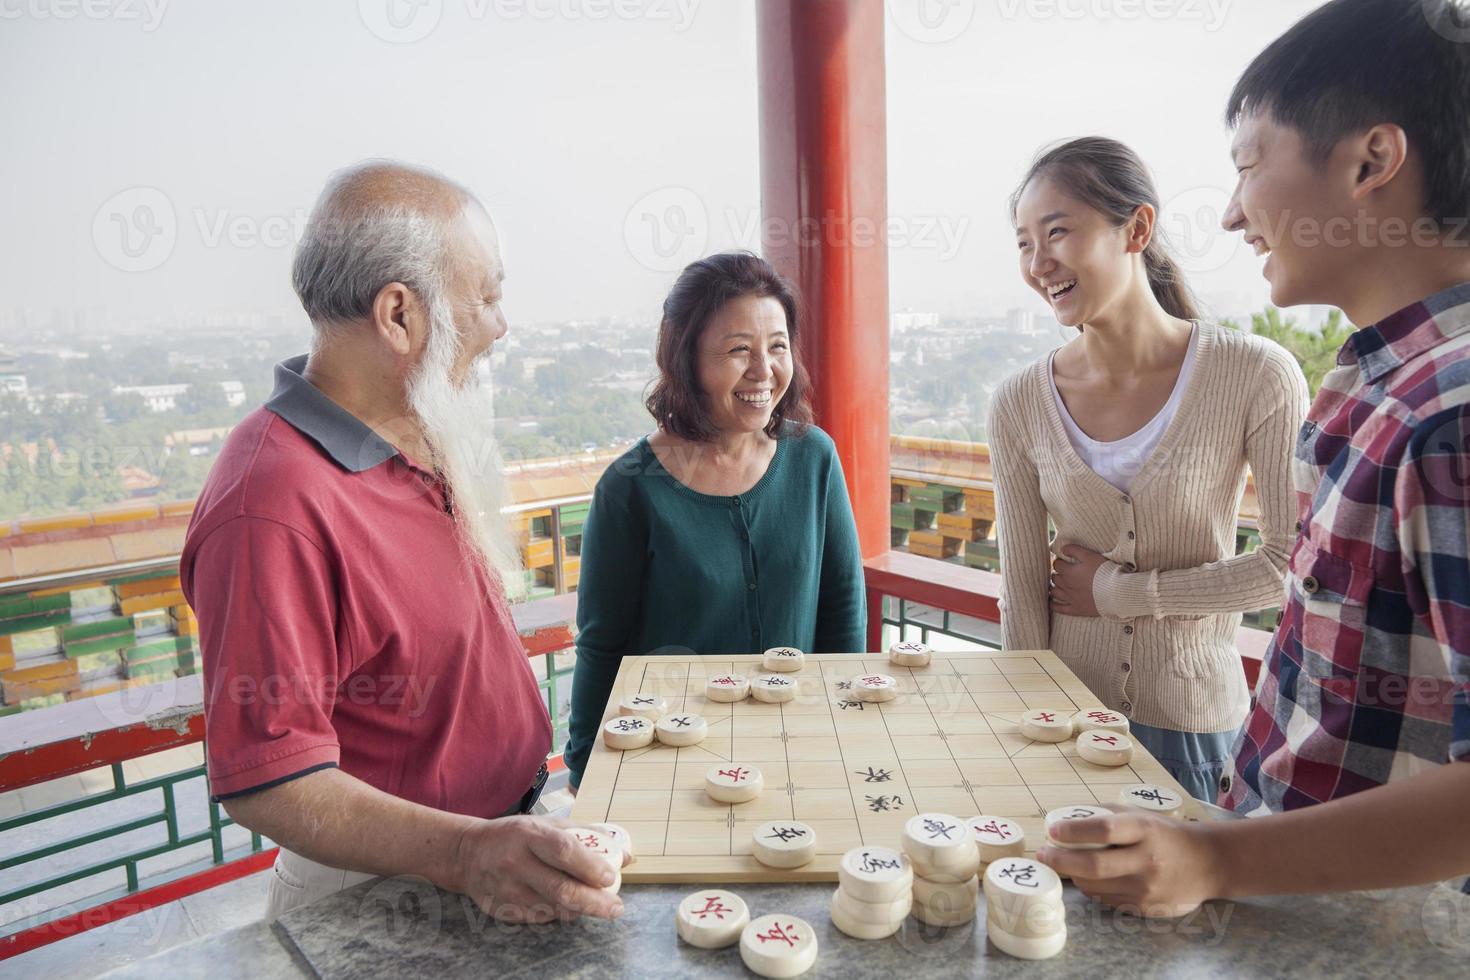 famiglia che gioca a scacchi cinesi (xiang qi) foto